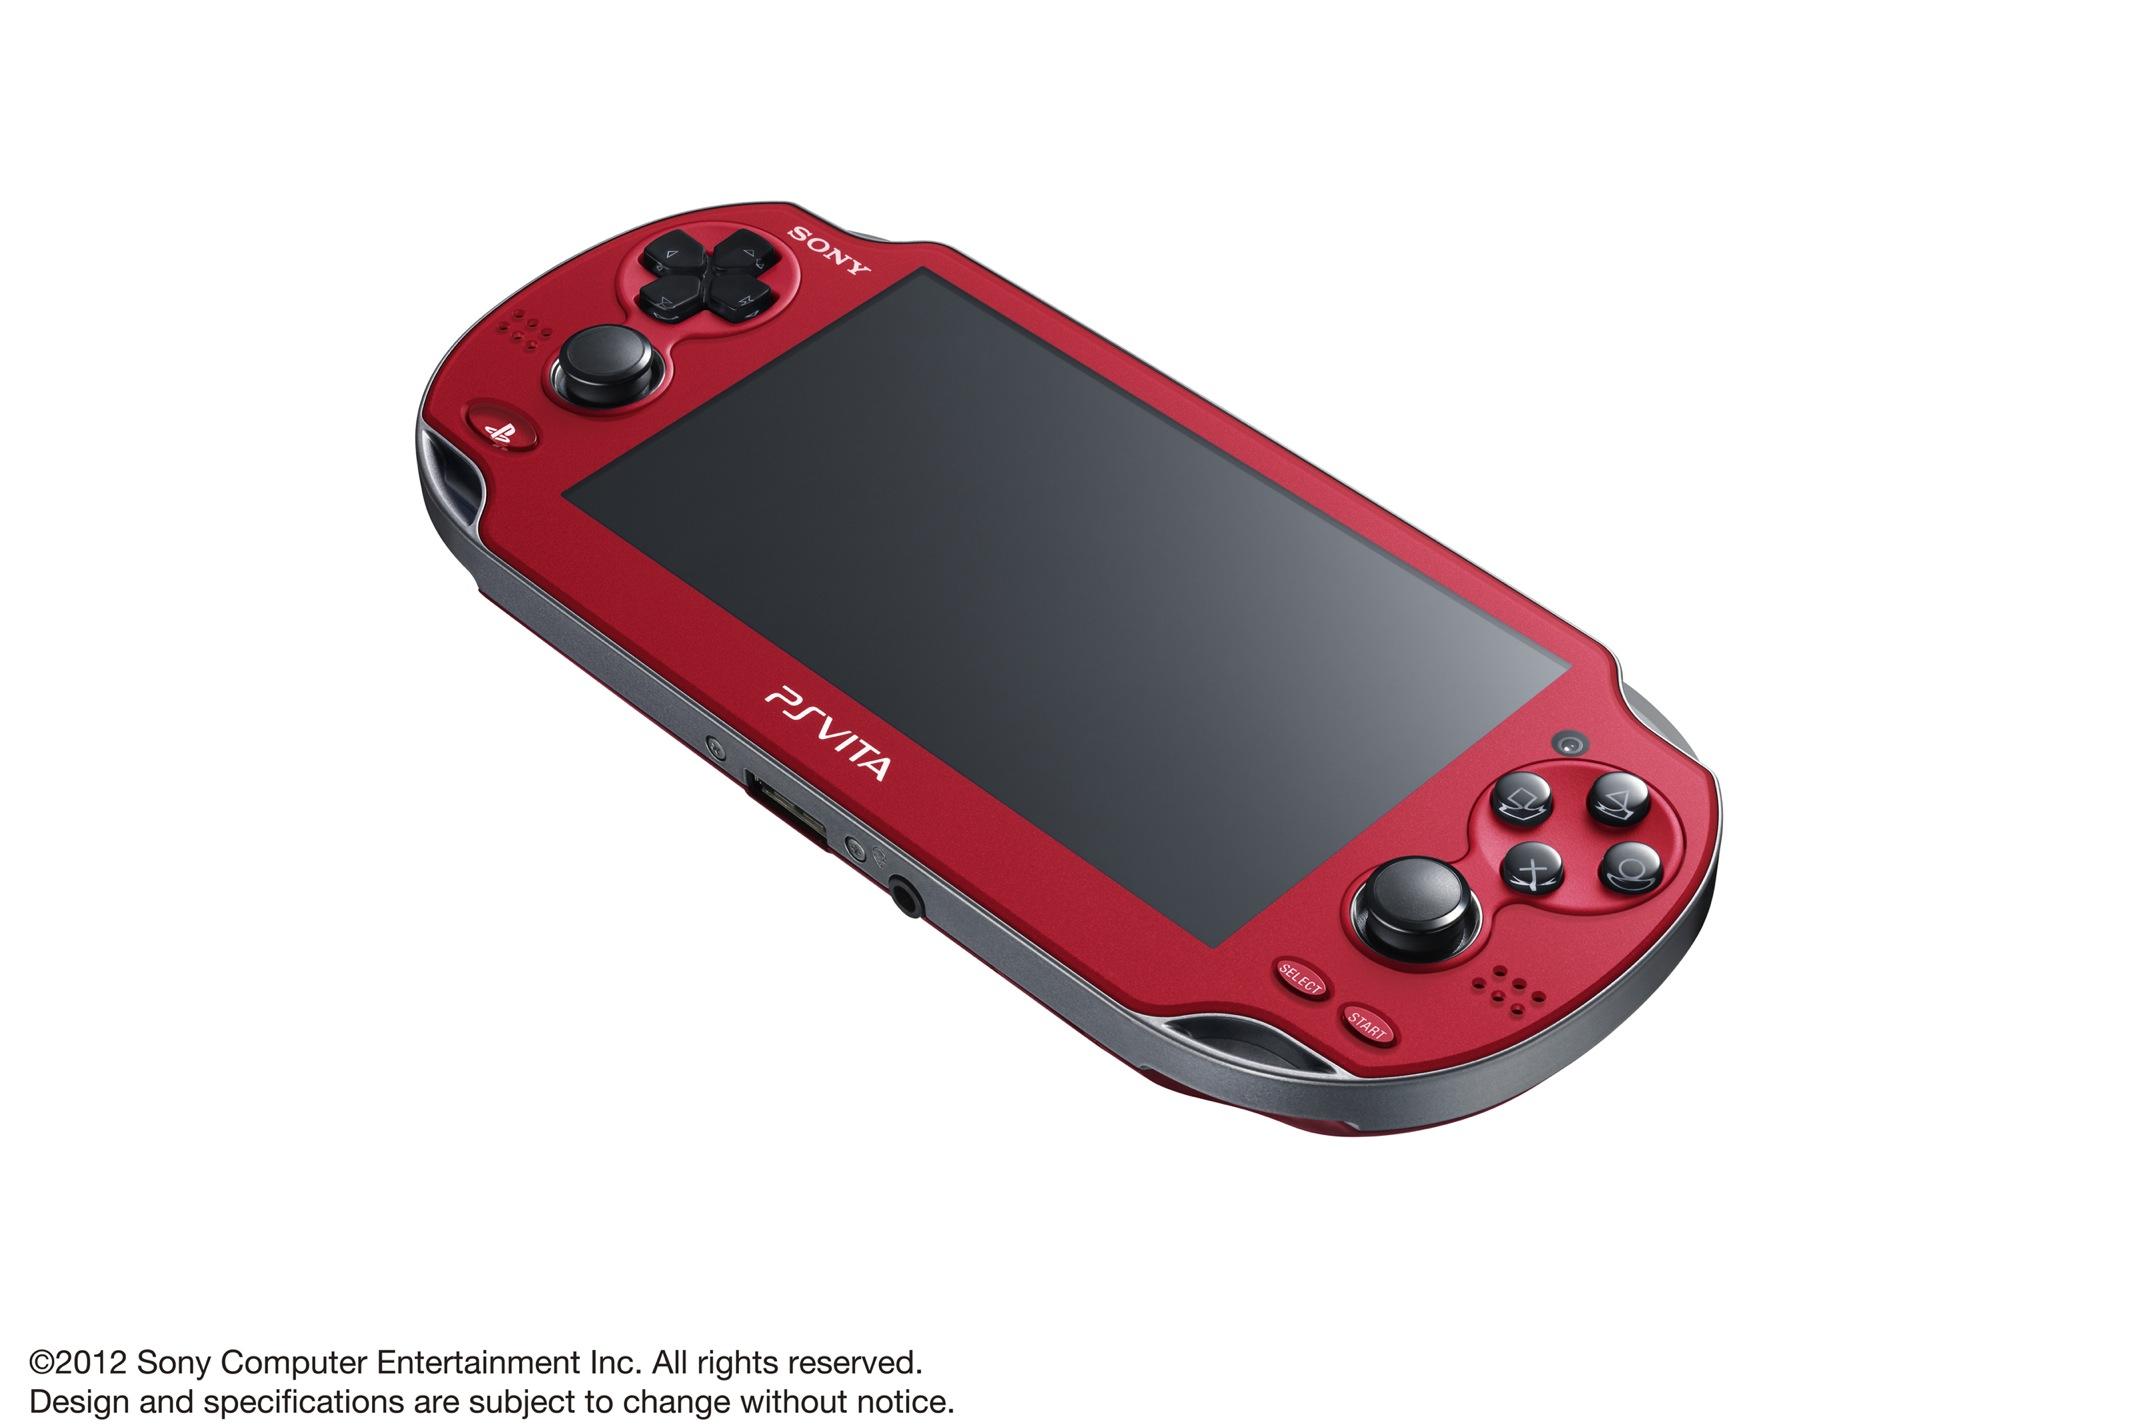 Modrá a červená verze PlayStation Vita 70608